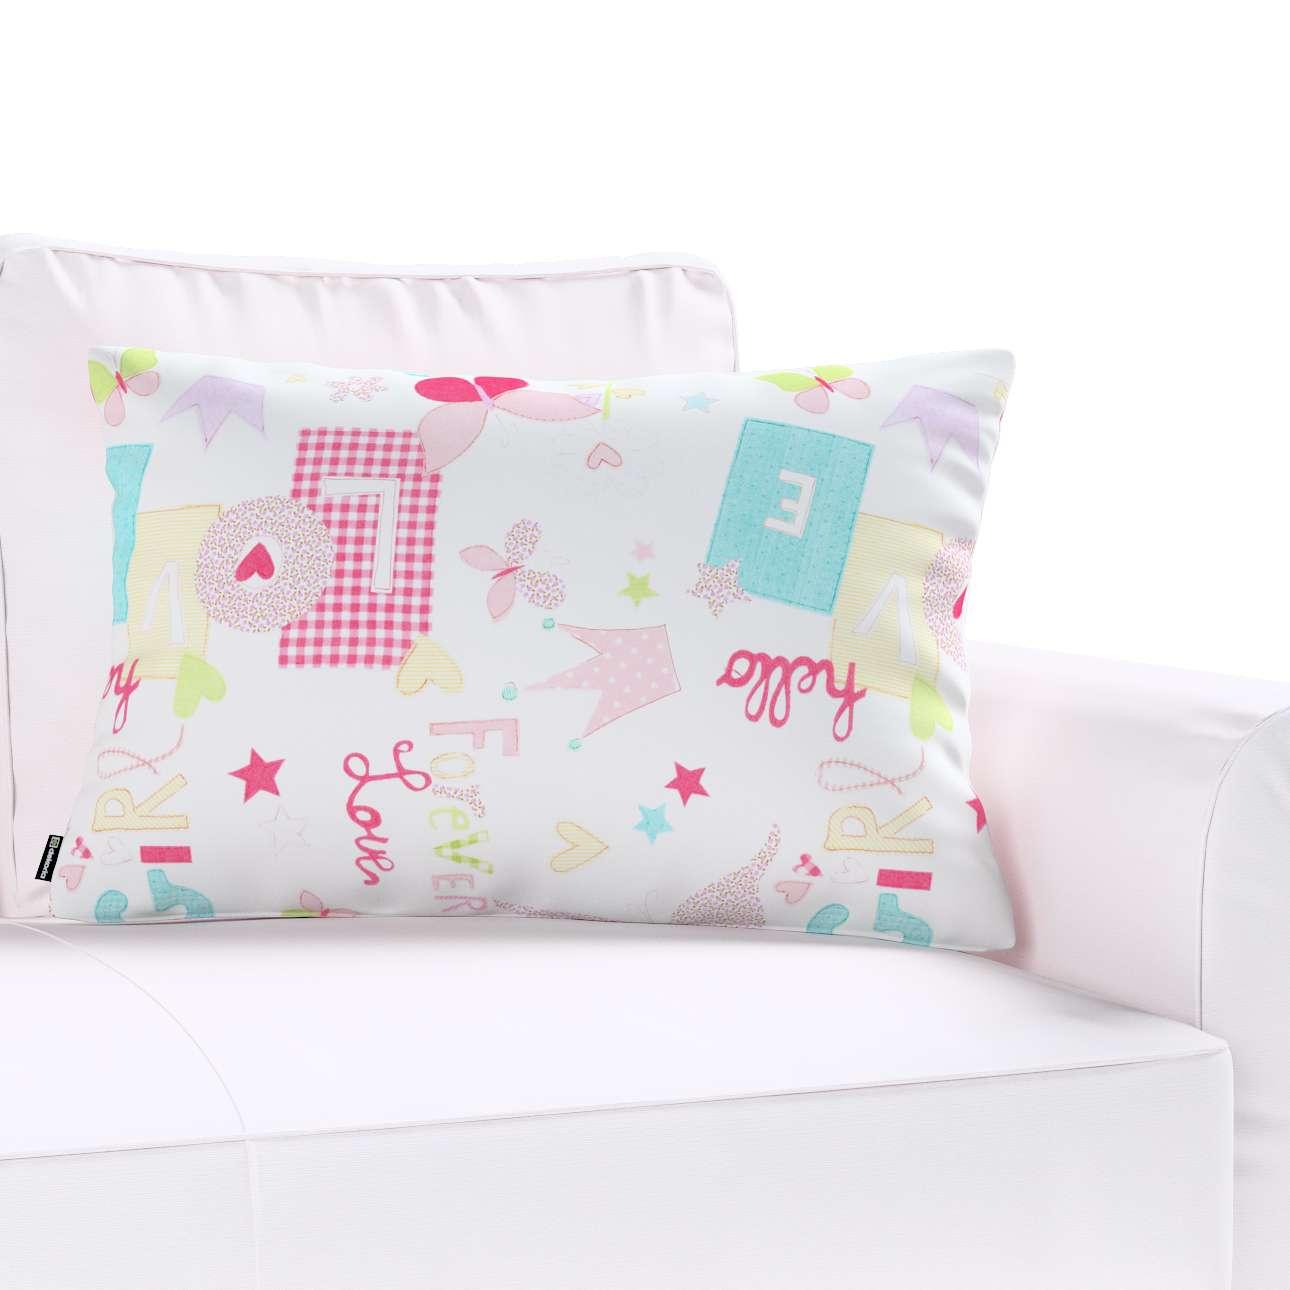 Poszewka Kinga na poduszkę prostokątną w kolekcji Little World, tkanina: 141-51